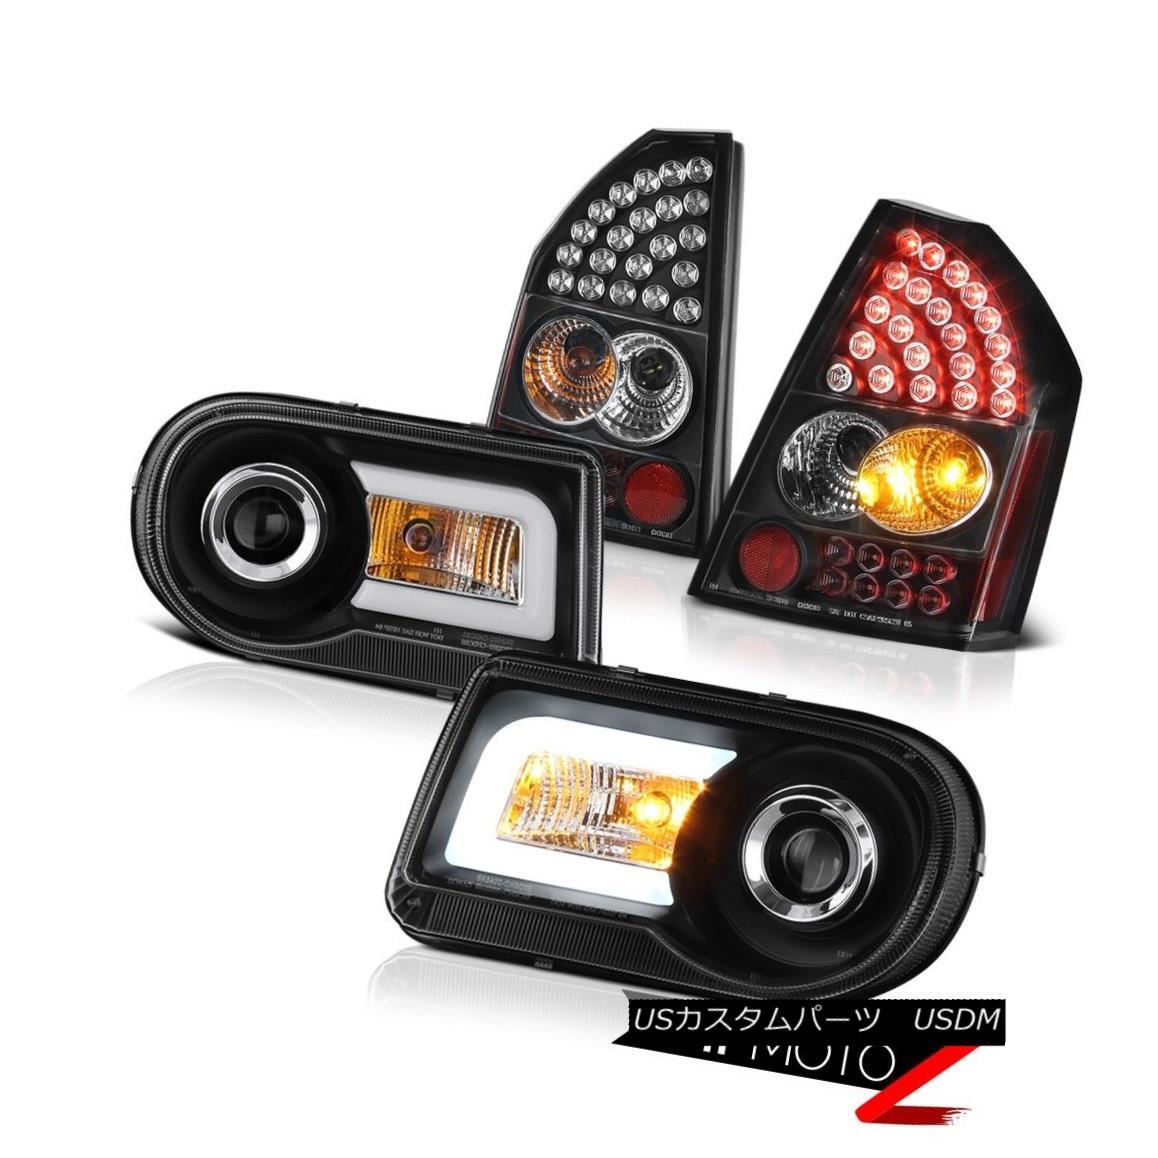 テールライト 2008-2010 Chrysler 300C 5.7L Angel Eye Teach Headlights Tail Lights Assembly LED 2008-2010クライスラー300C 5.7LエンジェルアイティーチヘッドライトテールライトアセンブリLED